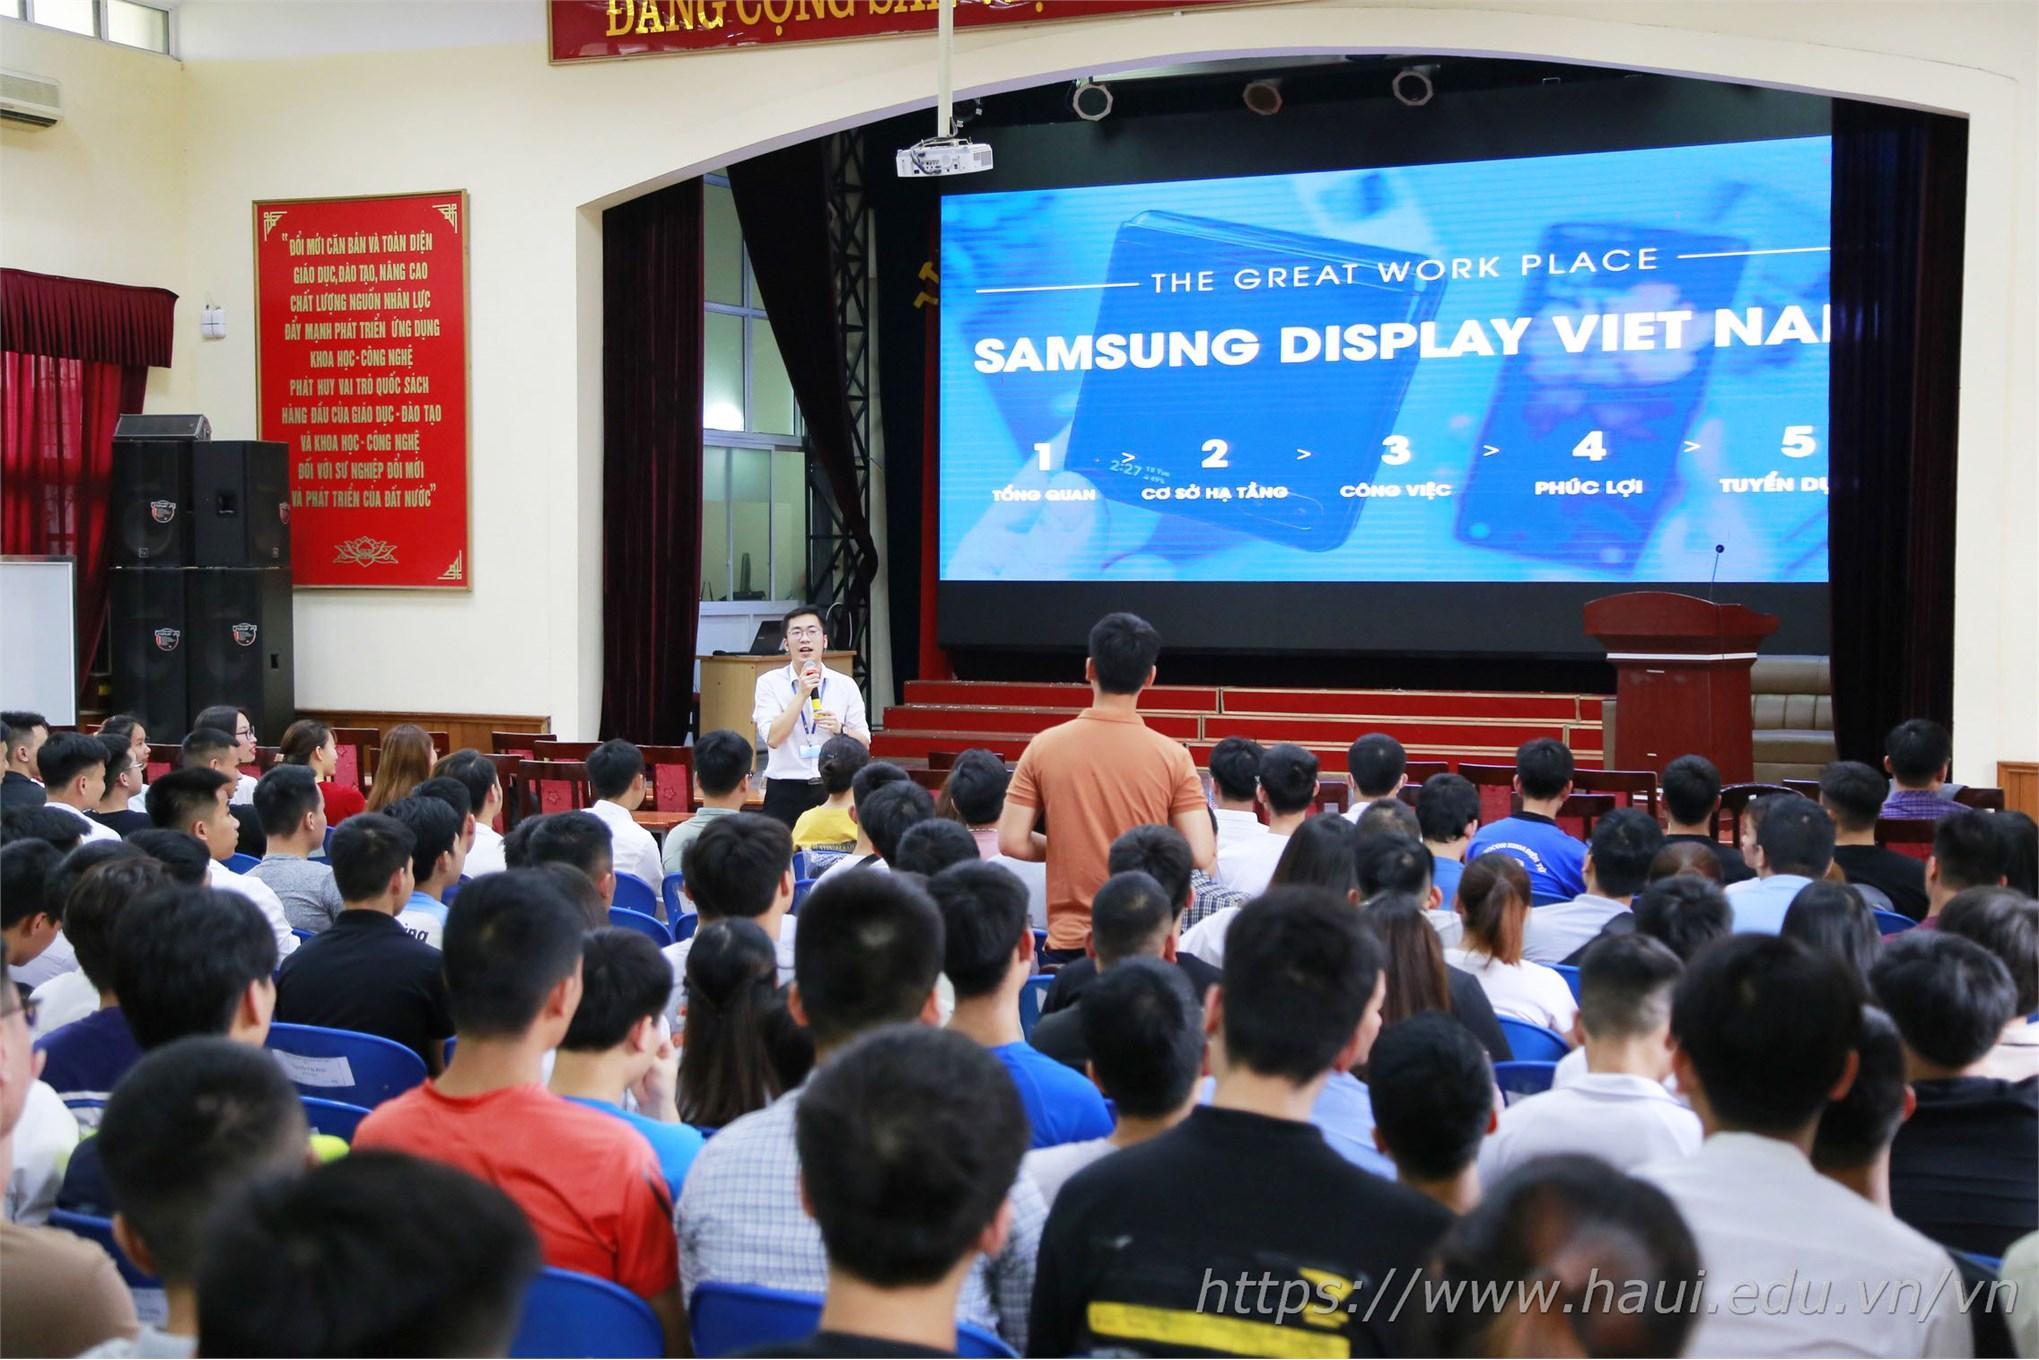 Đại diện phía Công ty TNHH Samsung Electronics Việt Nam chia sẻ những thông tin về công ty và về chương trình tuyển dụng